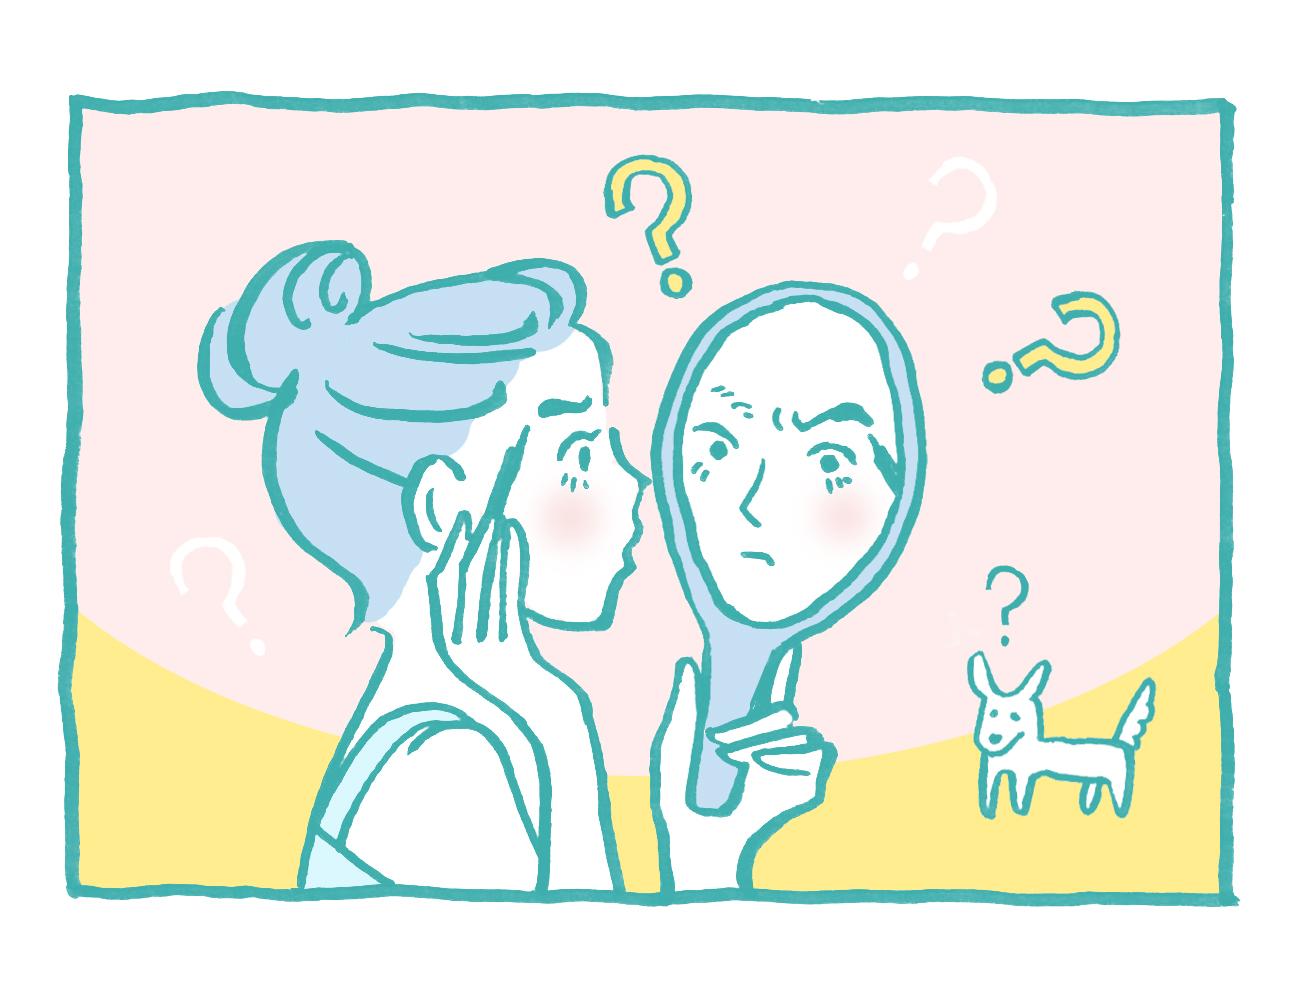 眉やアイラインがうまく描けない・ケアできないイラスト